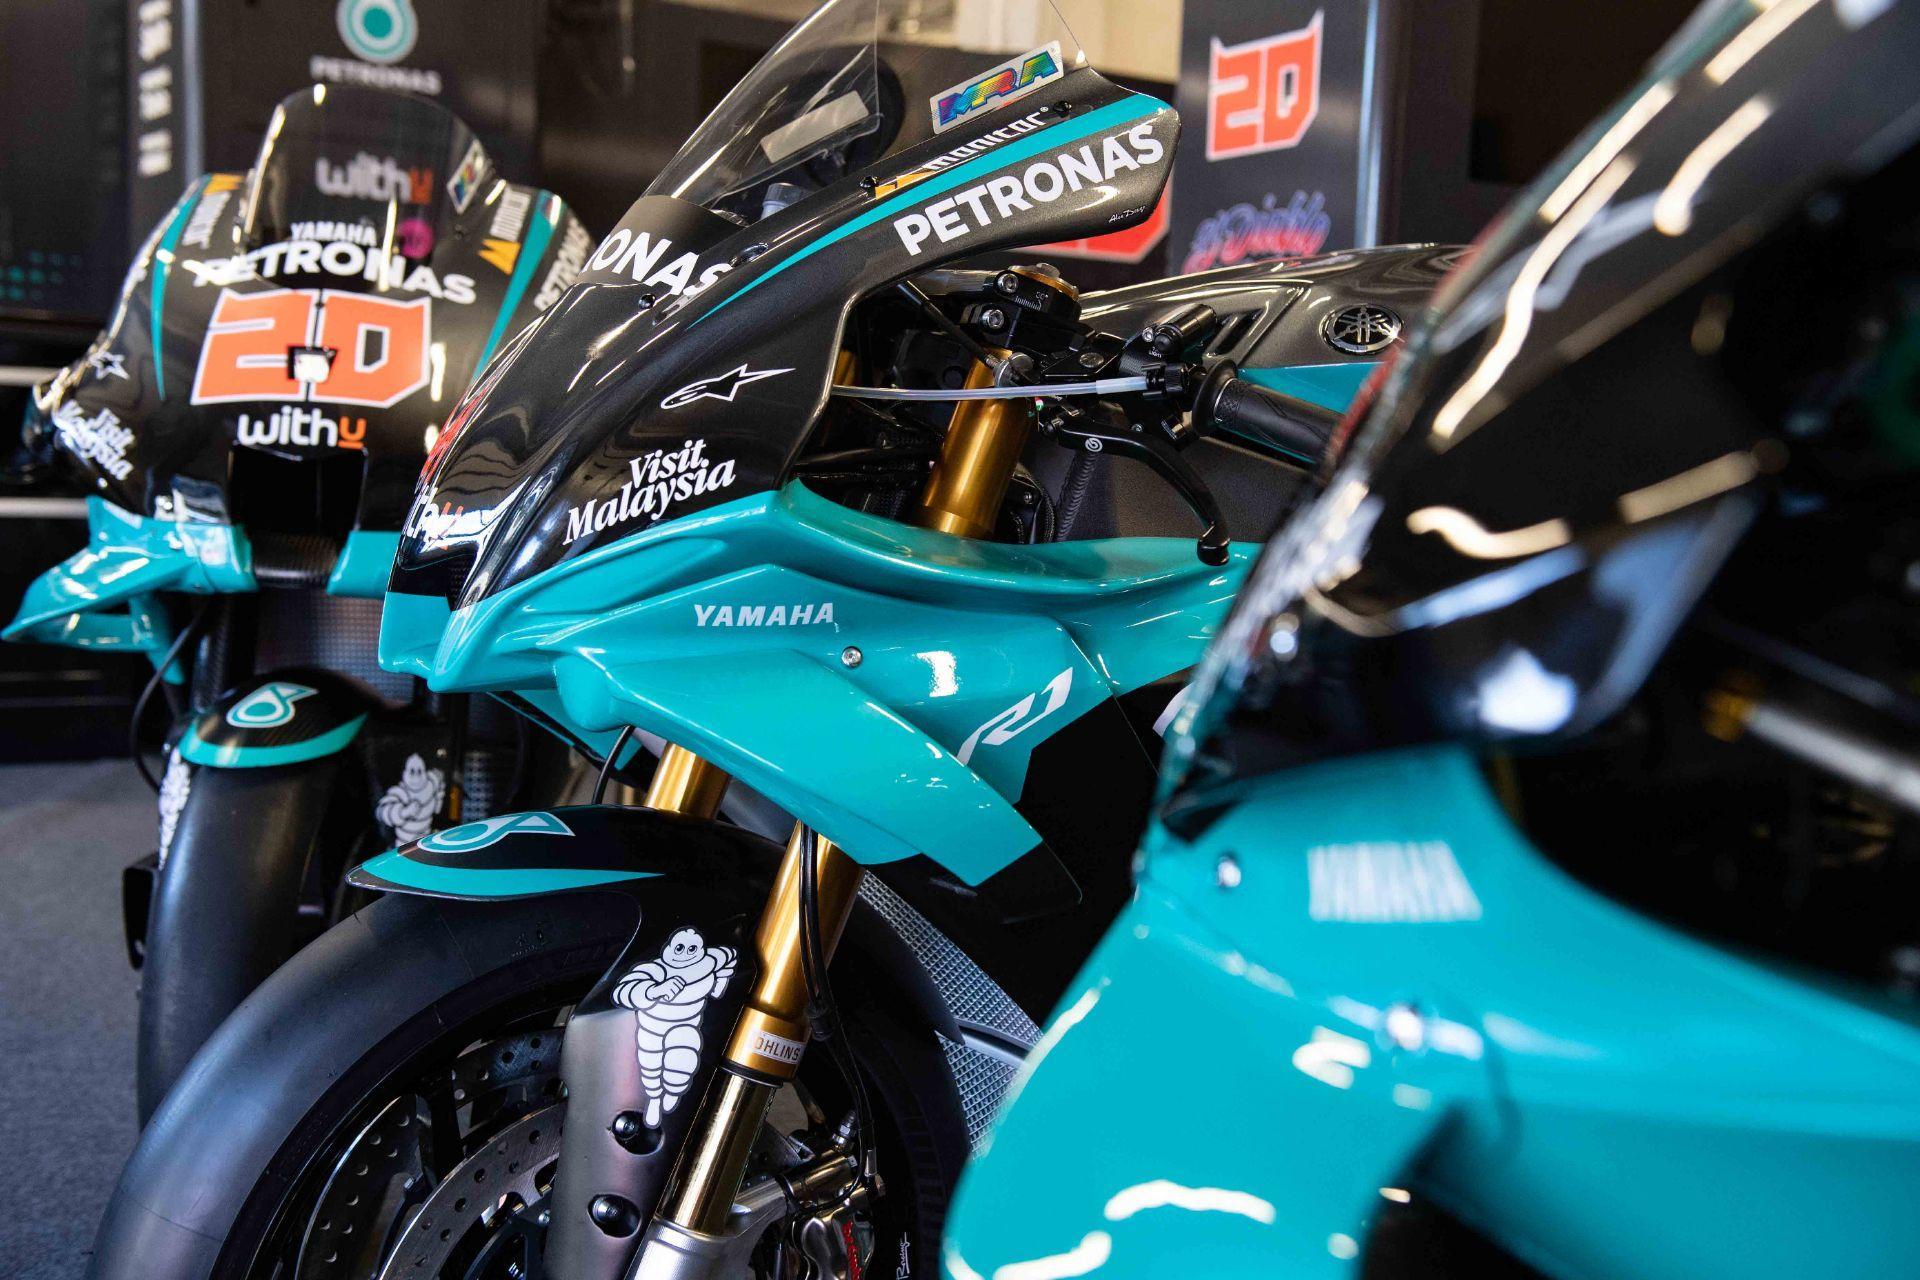 R1 Edición Especial Petronas, réplica de una MotoGP para calle